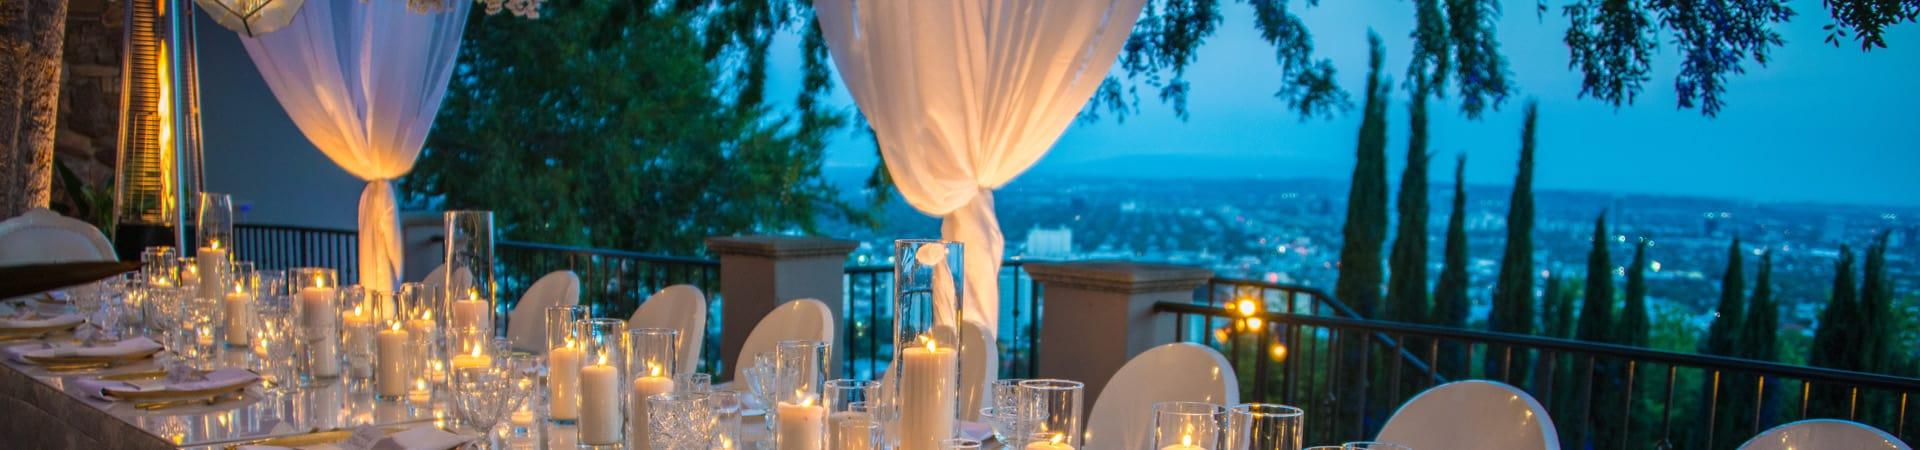 Hochzeits-Zeremonie in schöner Atmosphäre an einem reich gedeckten Tisch mit wundervoller Aussicht